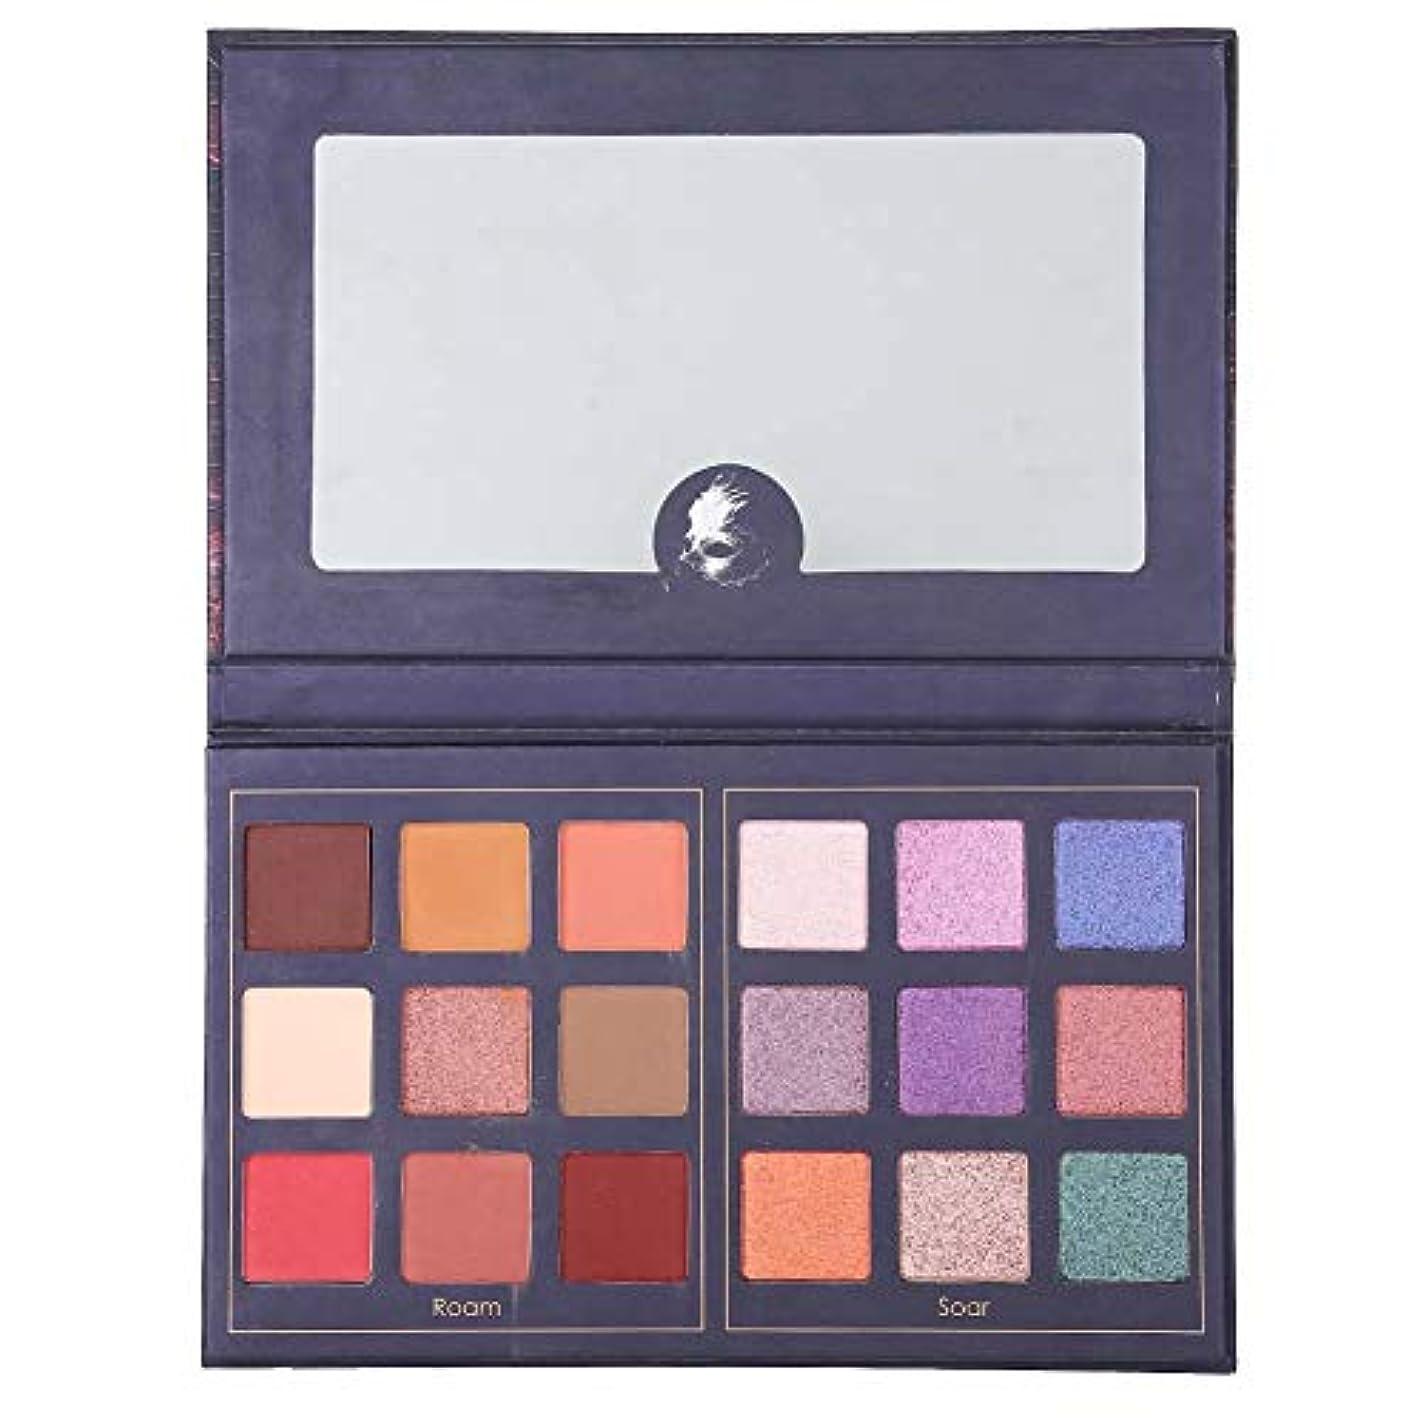 雑多な偽善者シートアイシャドウパレットグリッター 18色 美しい 化粧品アイシャドウ化粧パウダー